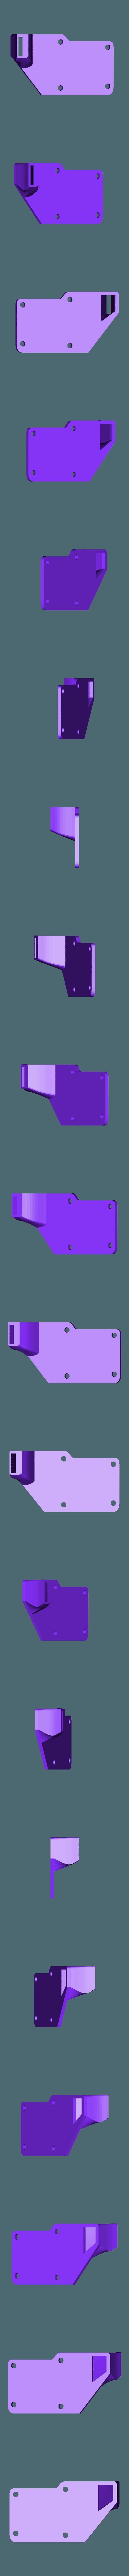 Ductplate-PRINT.stl Télécharger fichier STL gratuit YaVoFaDu - Encore un conduit de ventilateur de volcan pour le TronXY X5S • Design pour impression 3D, suromark